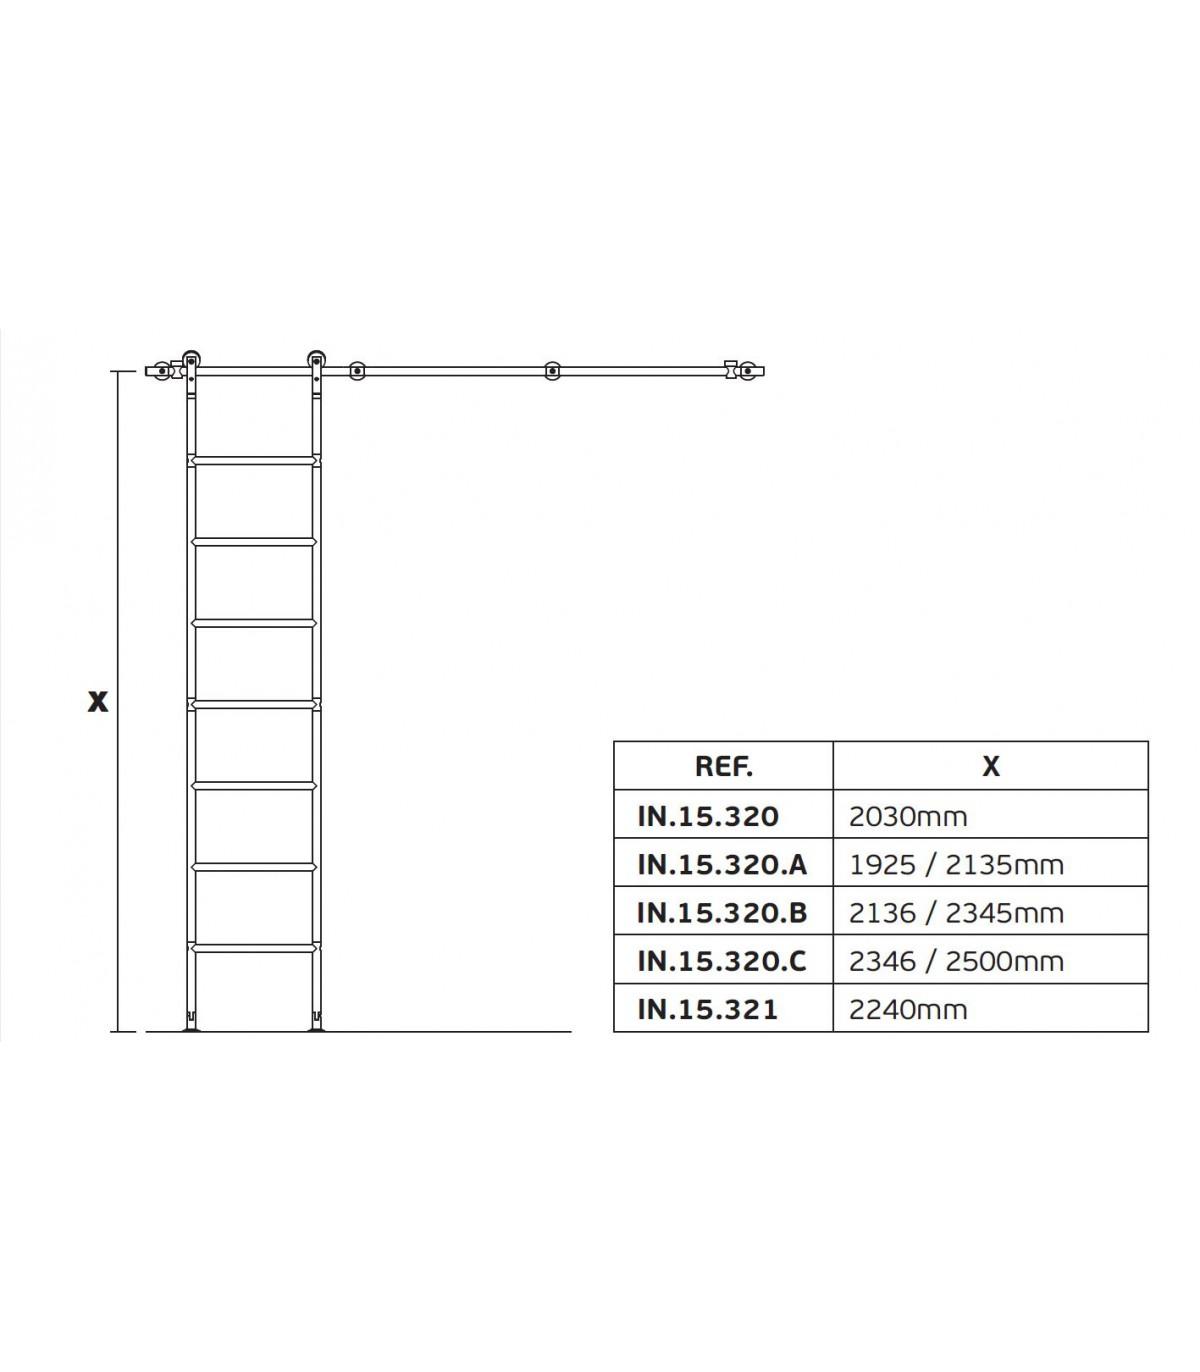 Echelle Bibliotheque Sur Rail echelle coulissante en inox pour bibliothèque - echelle de